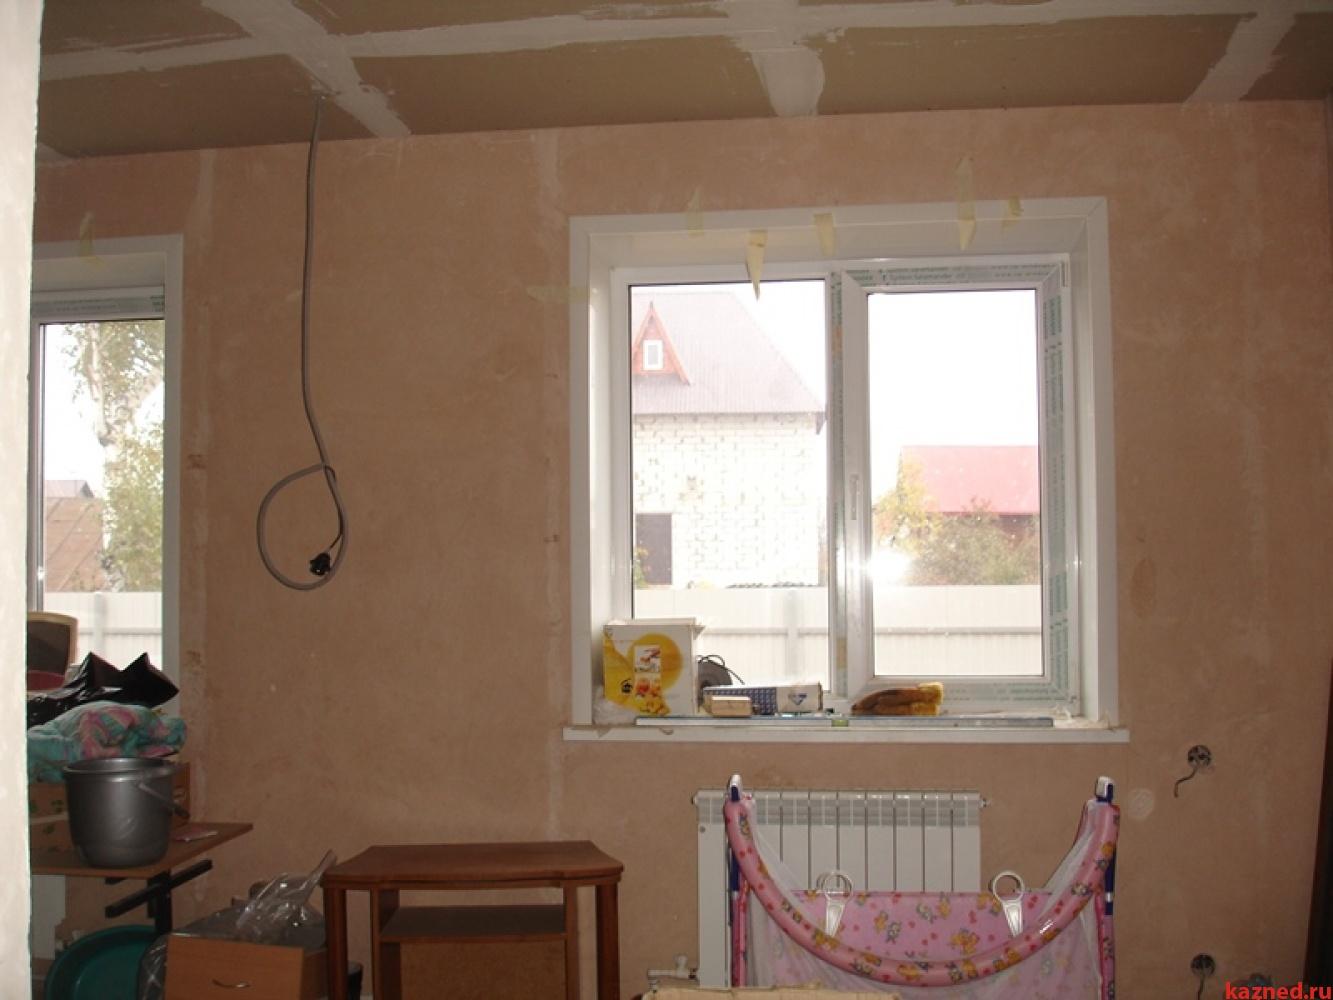 Продажа  Дома Борисково Запорожская, 130 м2  (миниатюра №6)